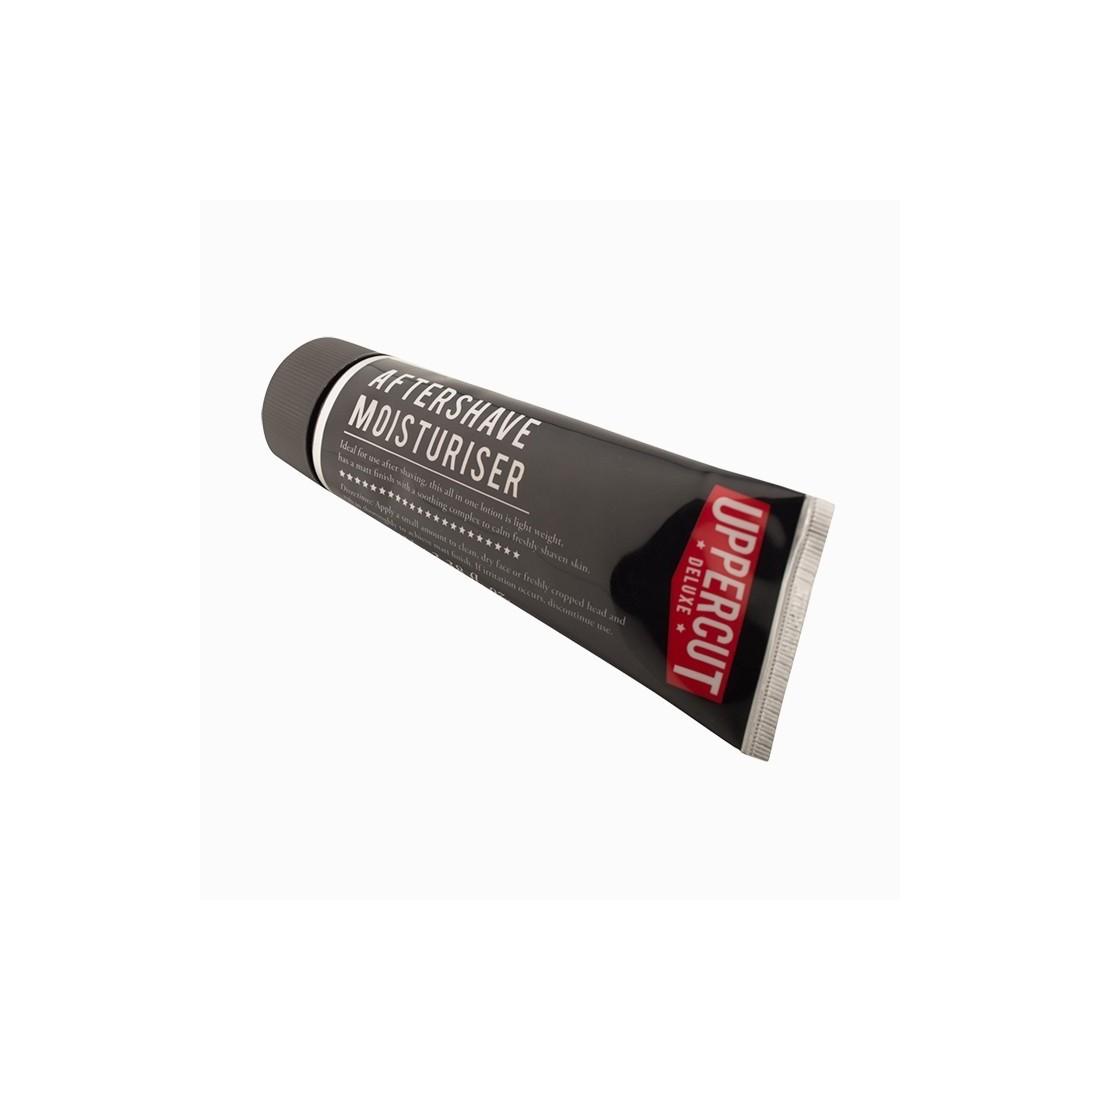 Uppercut Moisturiser Aftershave 100ml